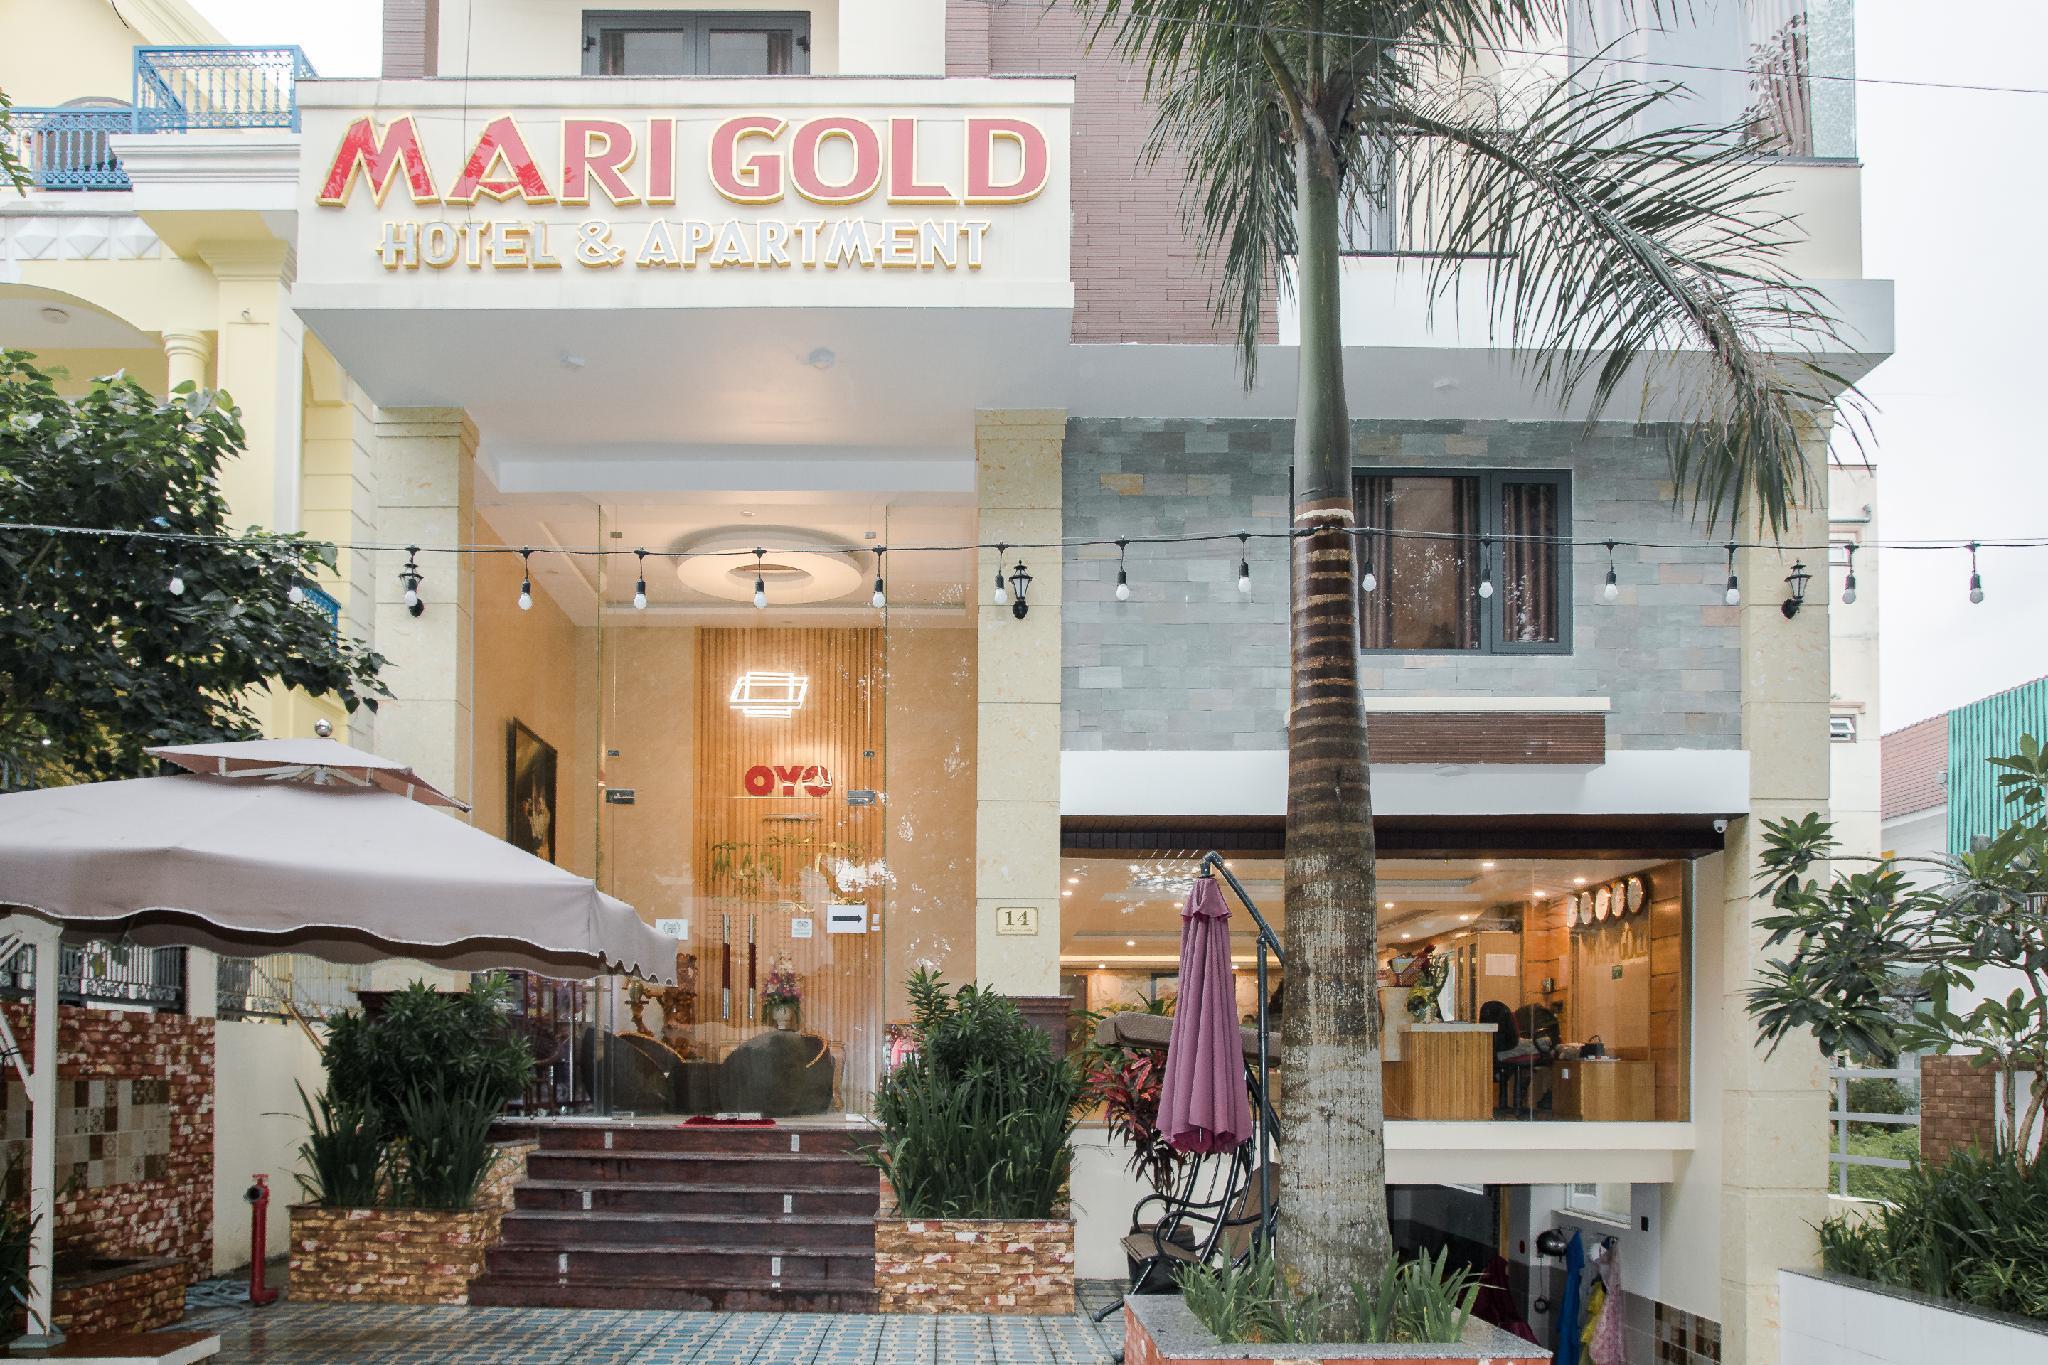 OYO 141 Mari Gold Hotel & Apartment, Sơn Trà